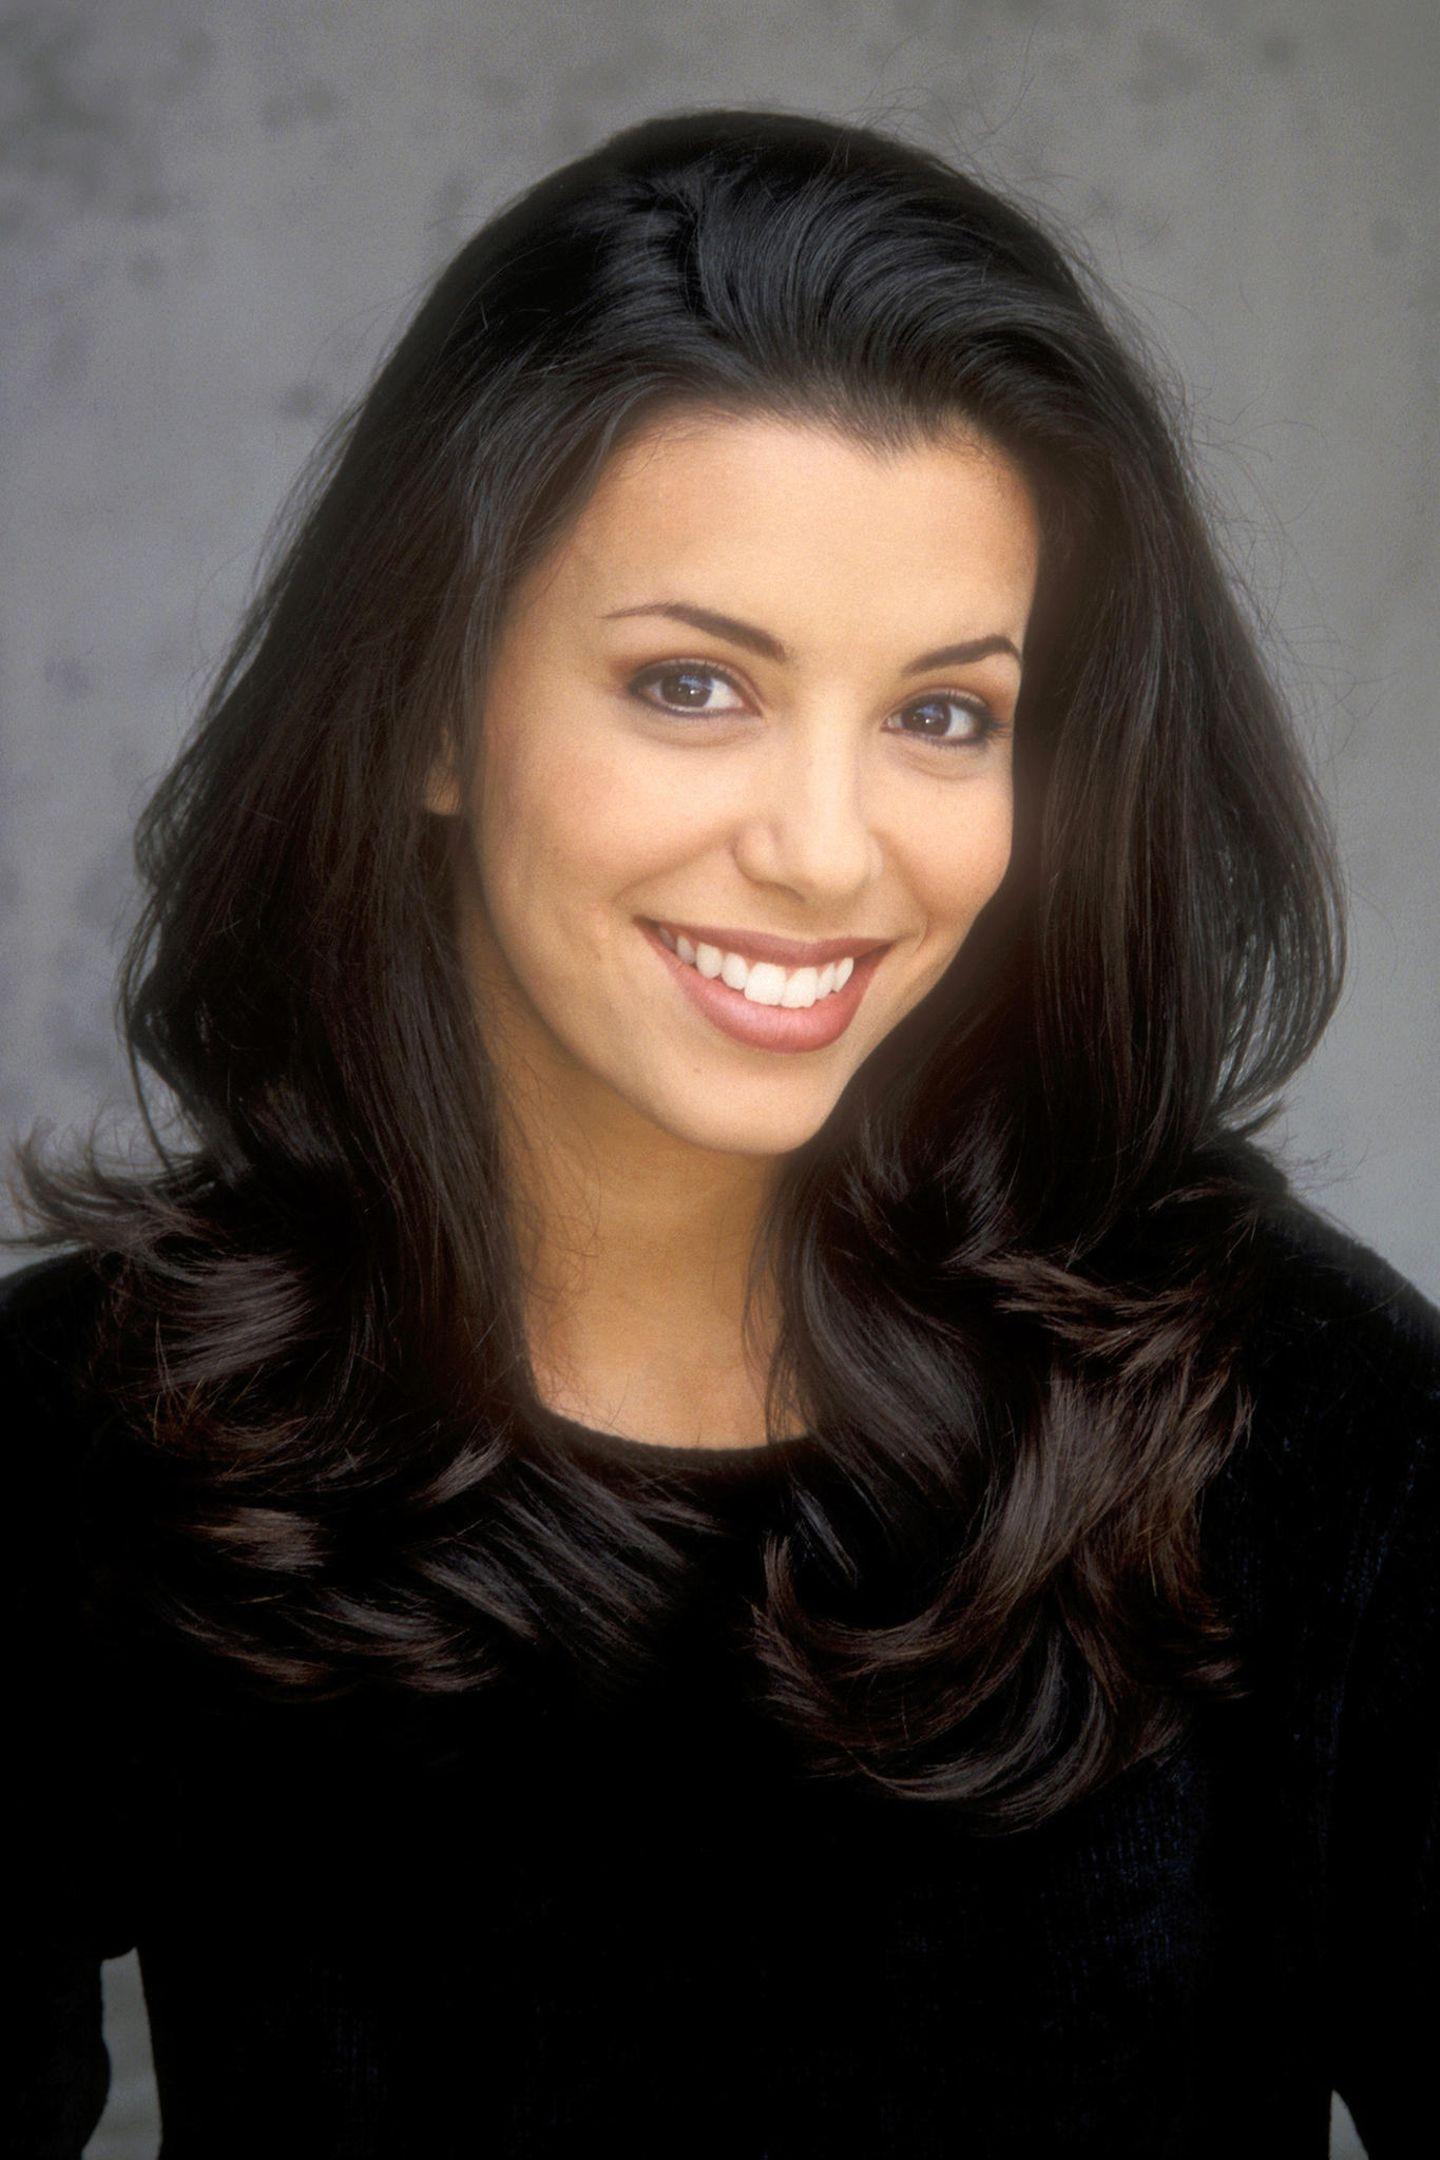 """1998  Mit ihrem Lächeln und ihrer natürlich schönen Ausstrahlung bezauberte die Texanerin Eva Longoria Hollywood schon, bevor sie spätestens mit """"Desperate Housewives"""" ab 2004 weltbekannt wurde."""